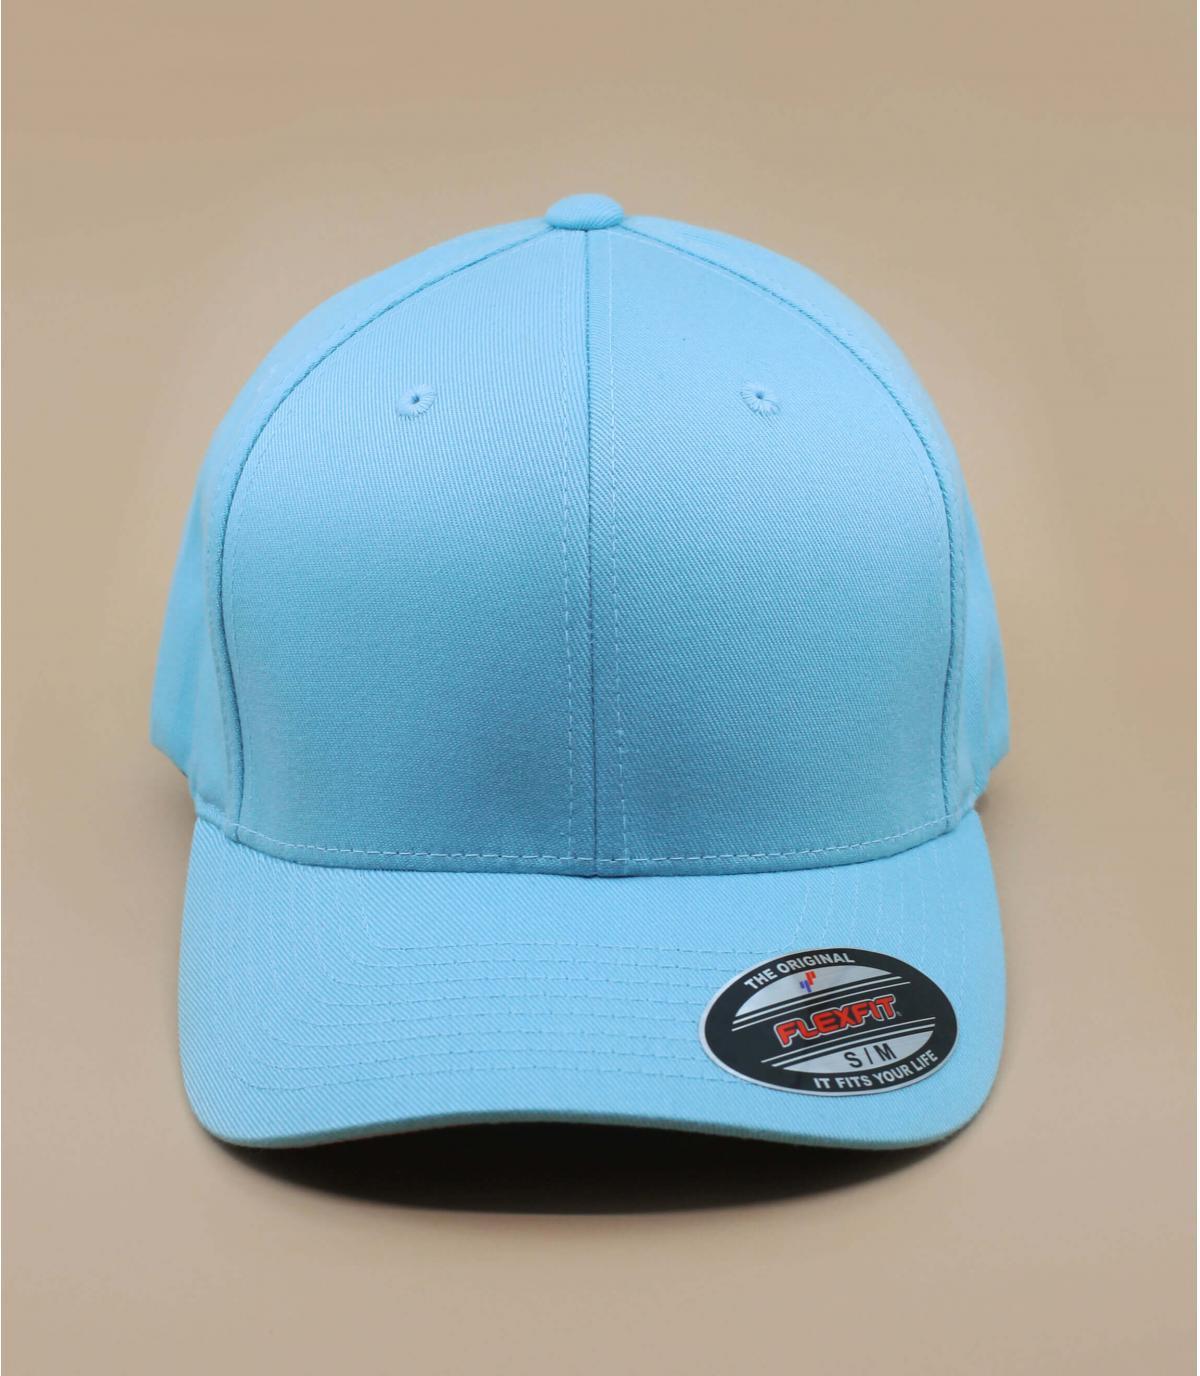 Détails Flexfit cap blue - image 2